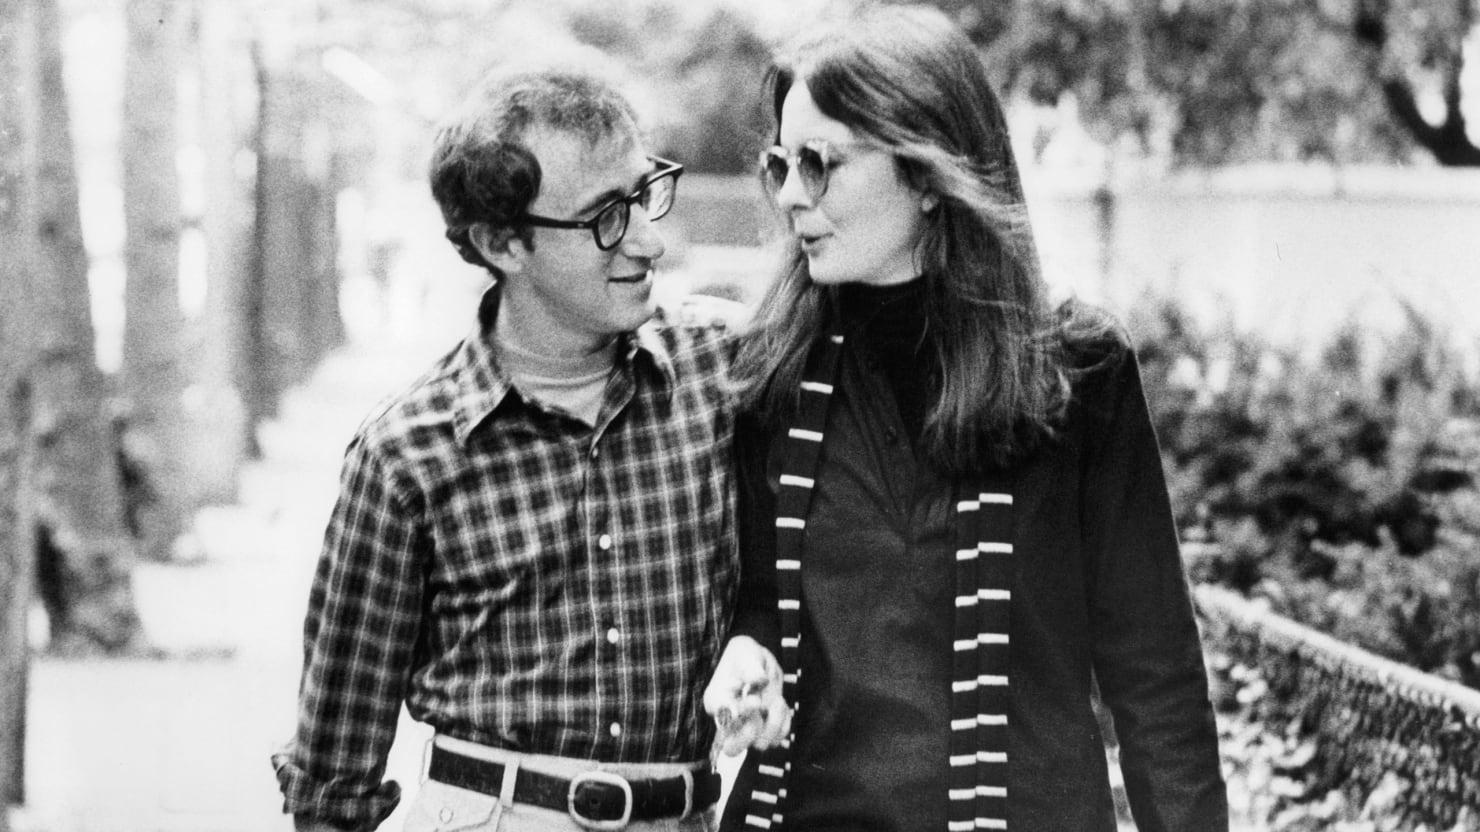 Woody Allen's Best & Worst Movies: 'Annie Hall' 'Match Point' & More (Video)